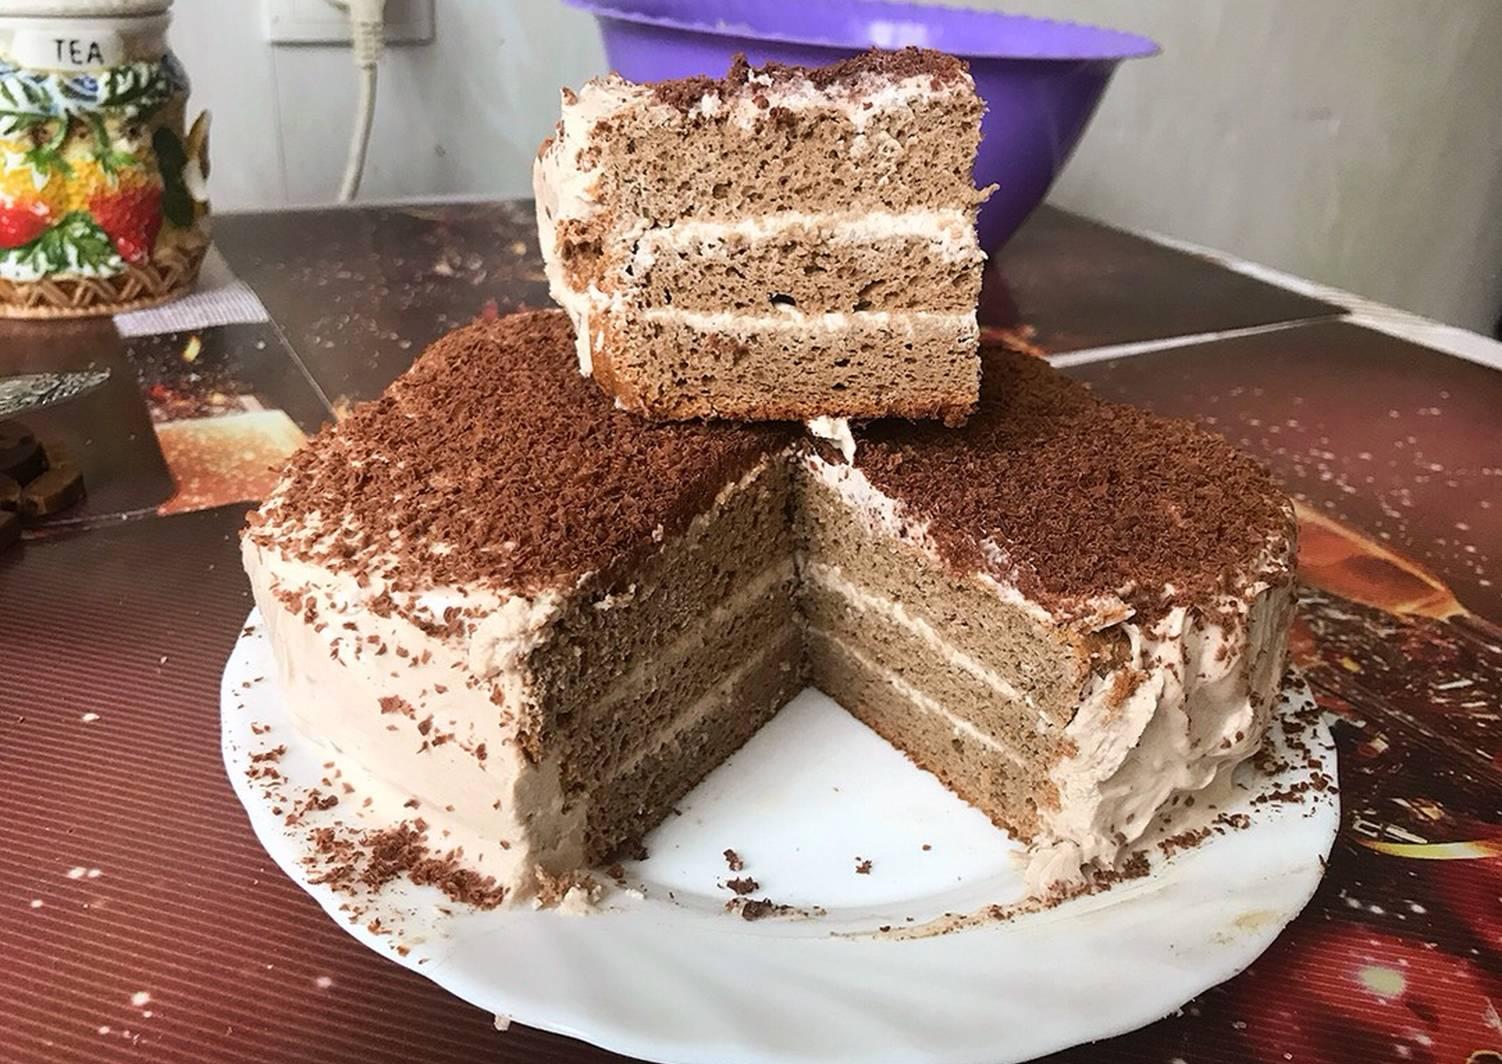 Диетические, низкокалорийные торты — пп рецепты приготовления